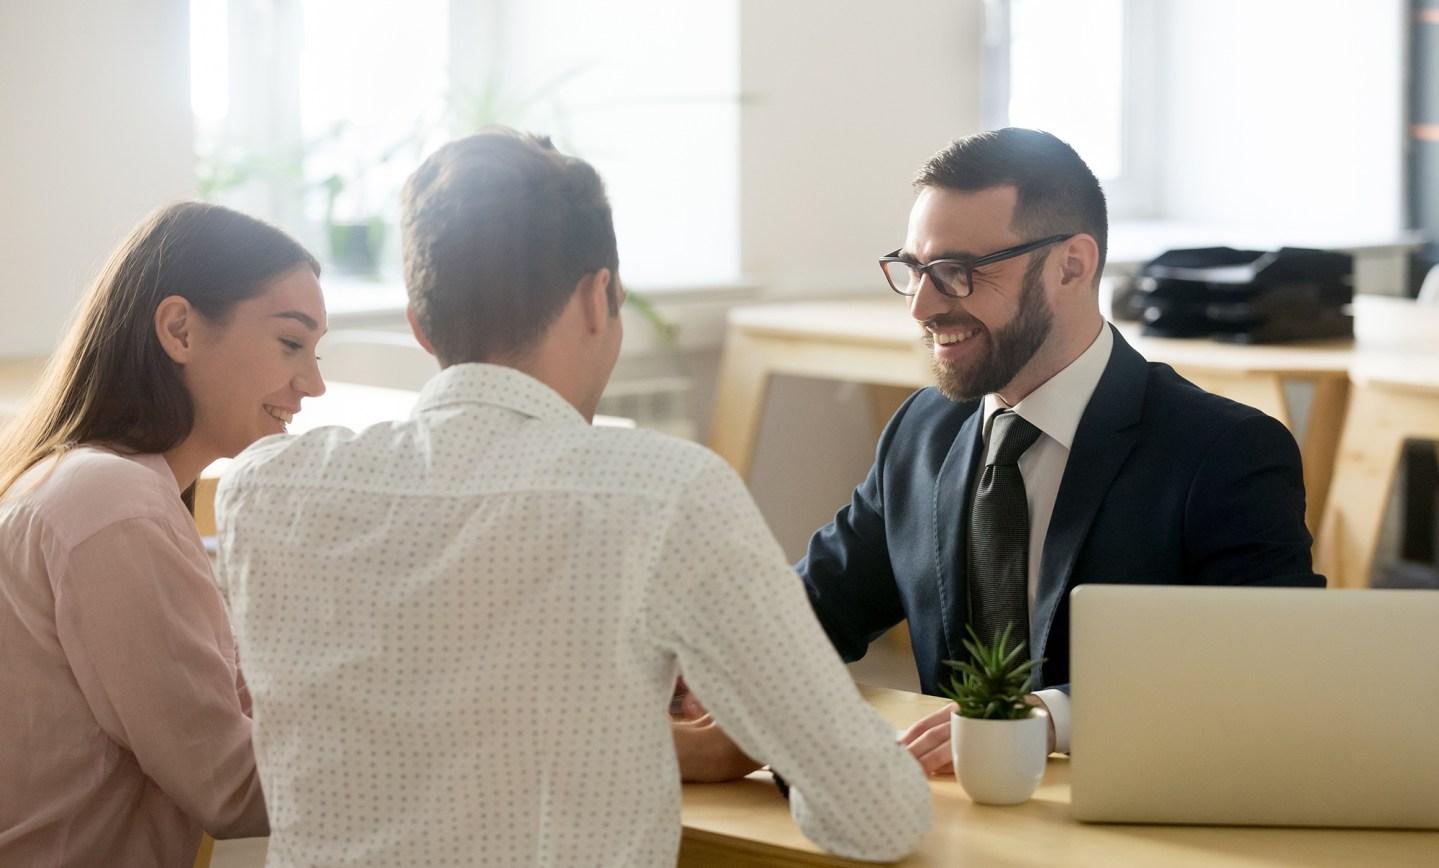 Sebrae reconhece a necessidade de créditos para pequenas empresas